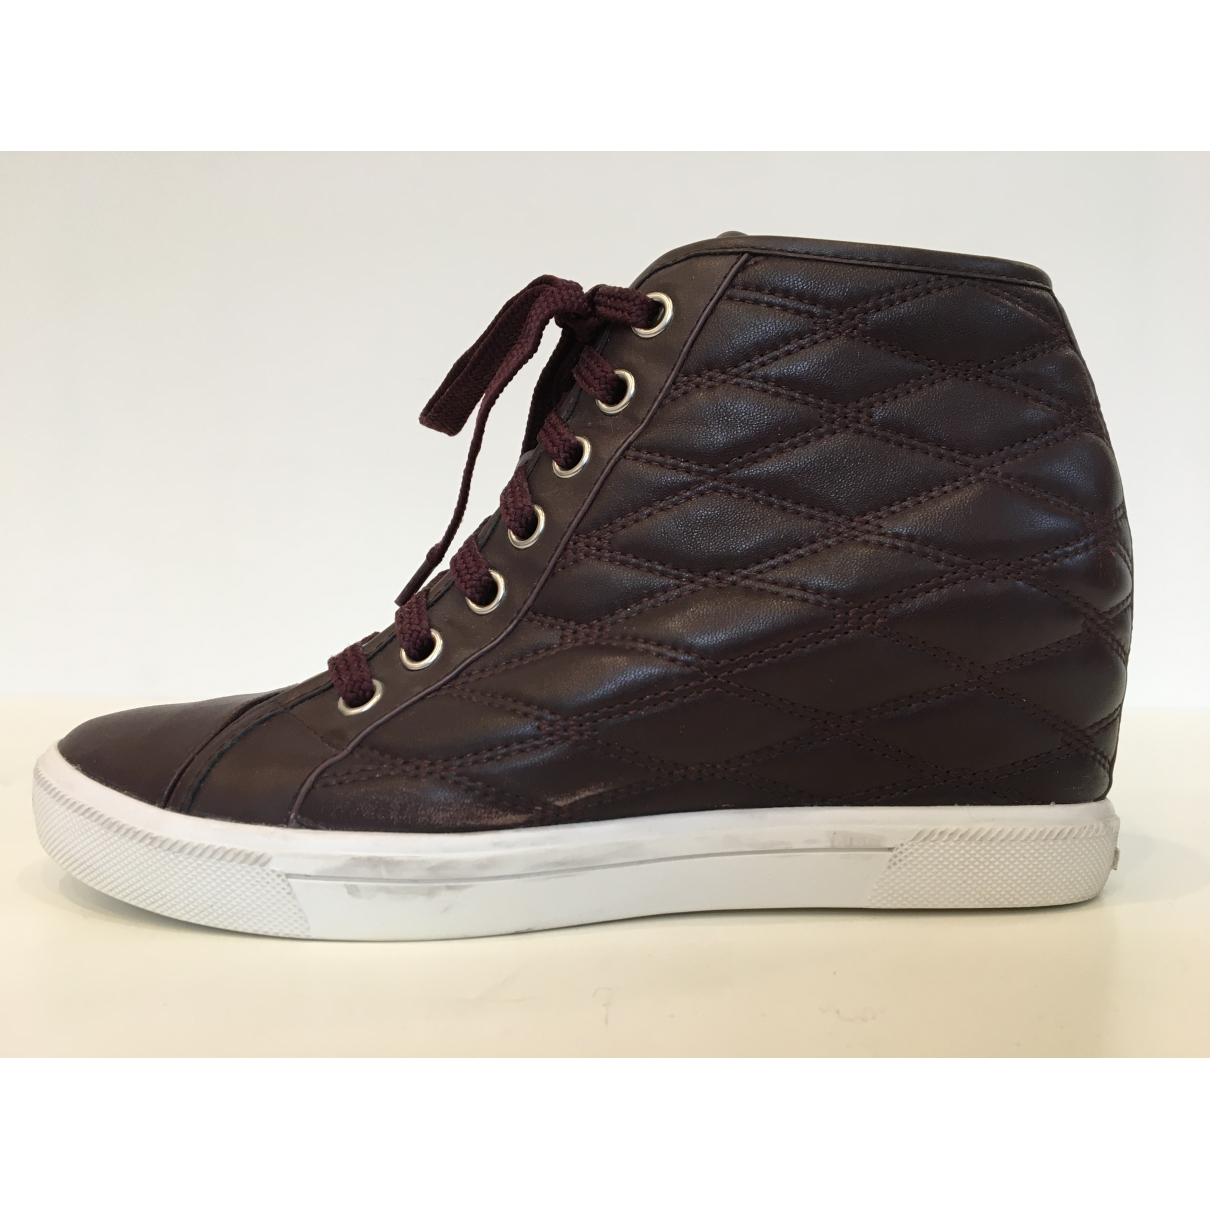 Dkny - Boots   pour femme en cuir - noir